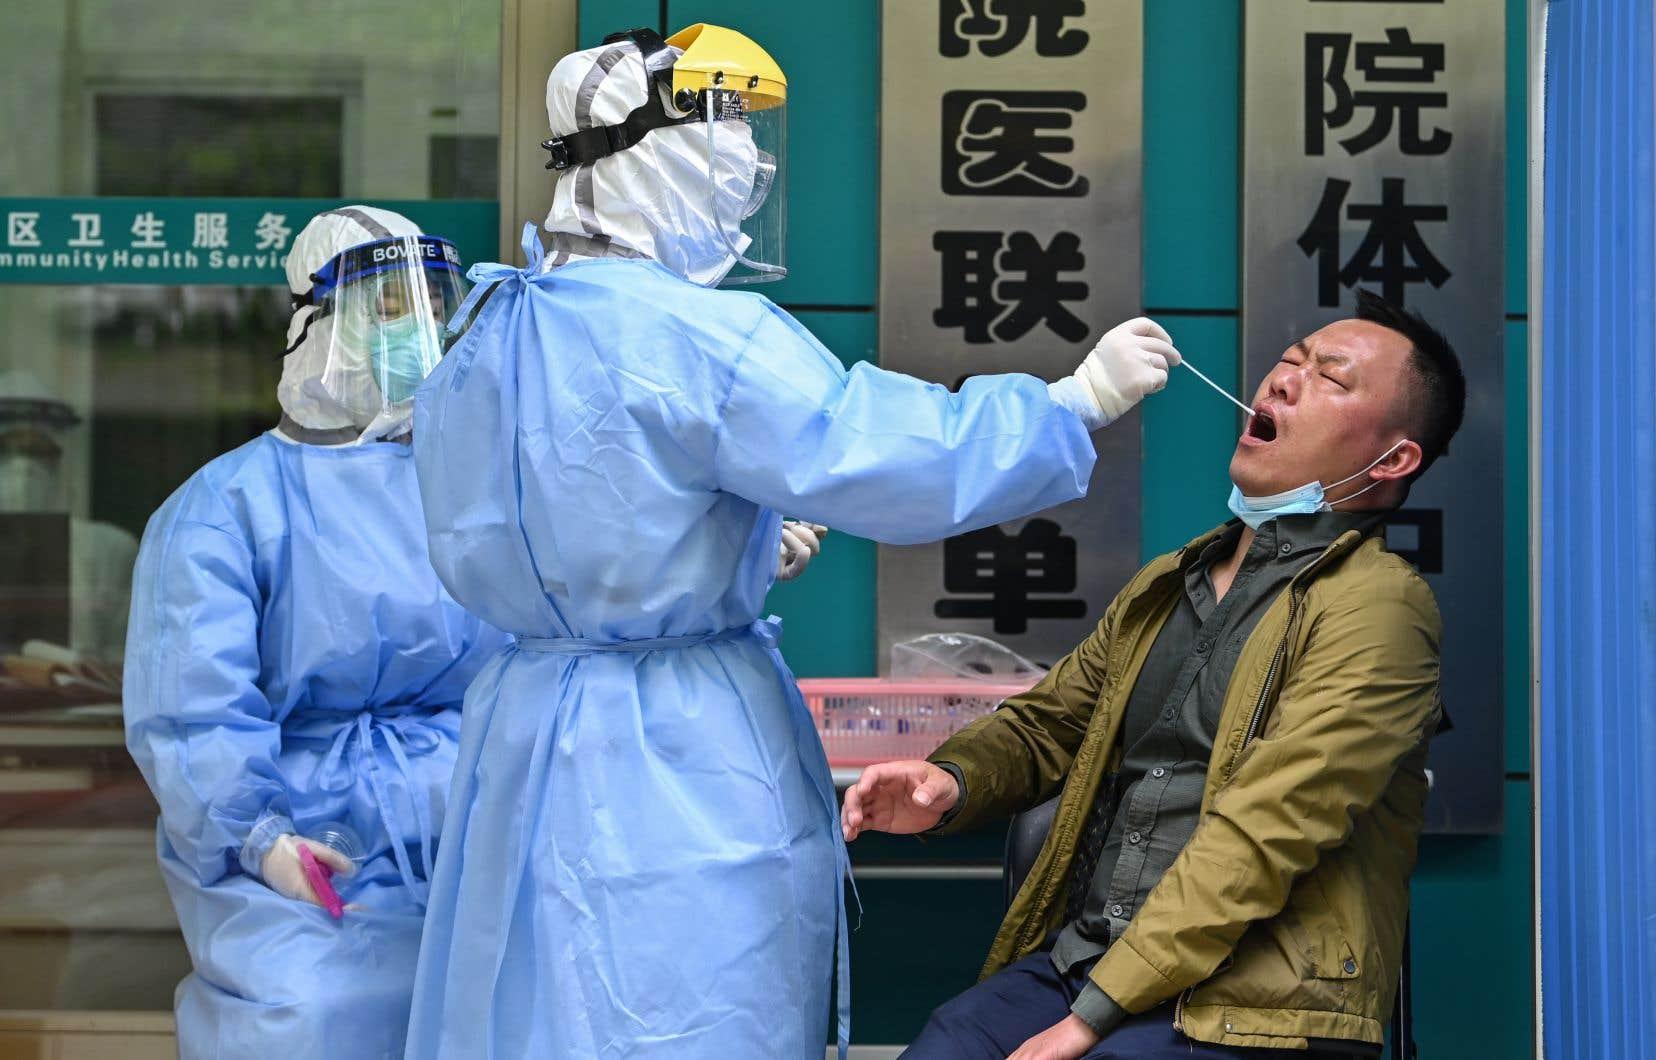 La ville de Wuhan explique que, jusqu'à présent, les statistiques officielles ne prennaient en compte que les personnes décédées à l'hôpital.